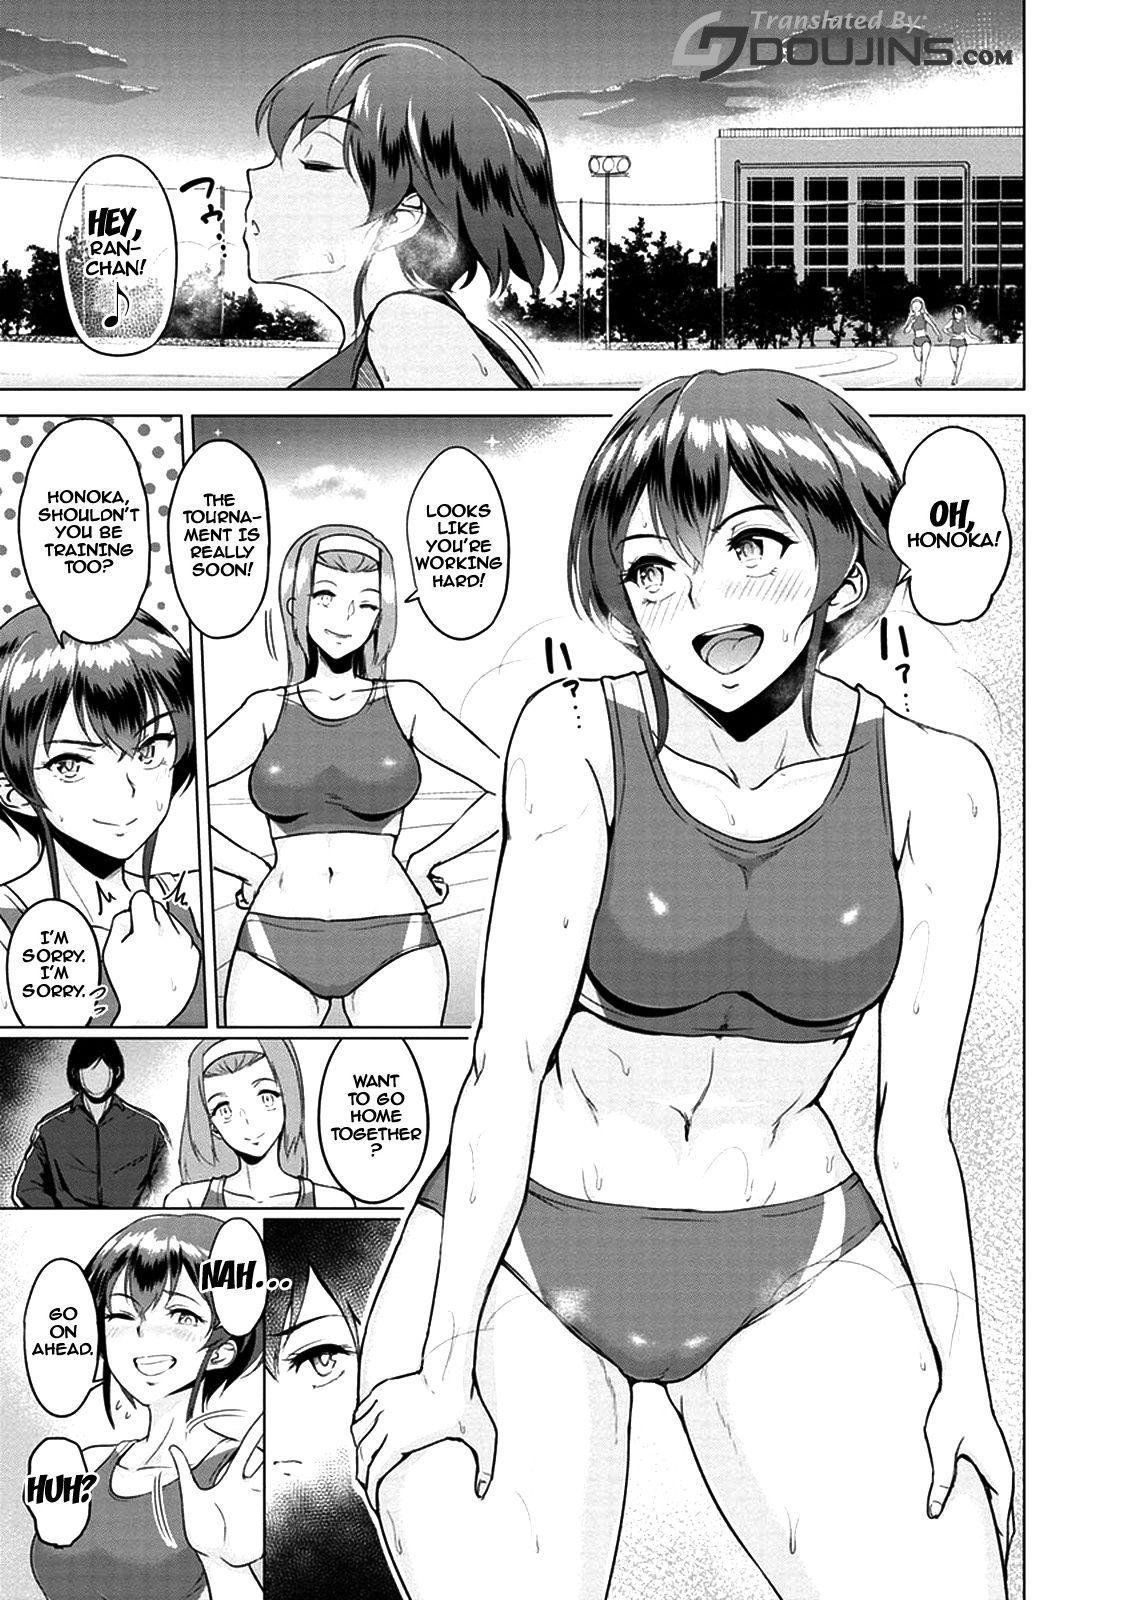 [bifidus] Rikujoubu Ran-chan no Yuuutsu | Ran-chan's Melancholy (Kimi o Sasou Uzuki Ana) [English] {doujins.com} [Digital] 0